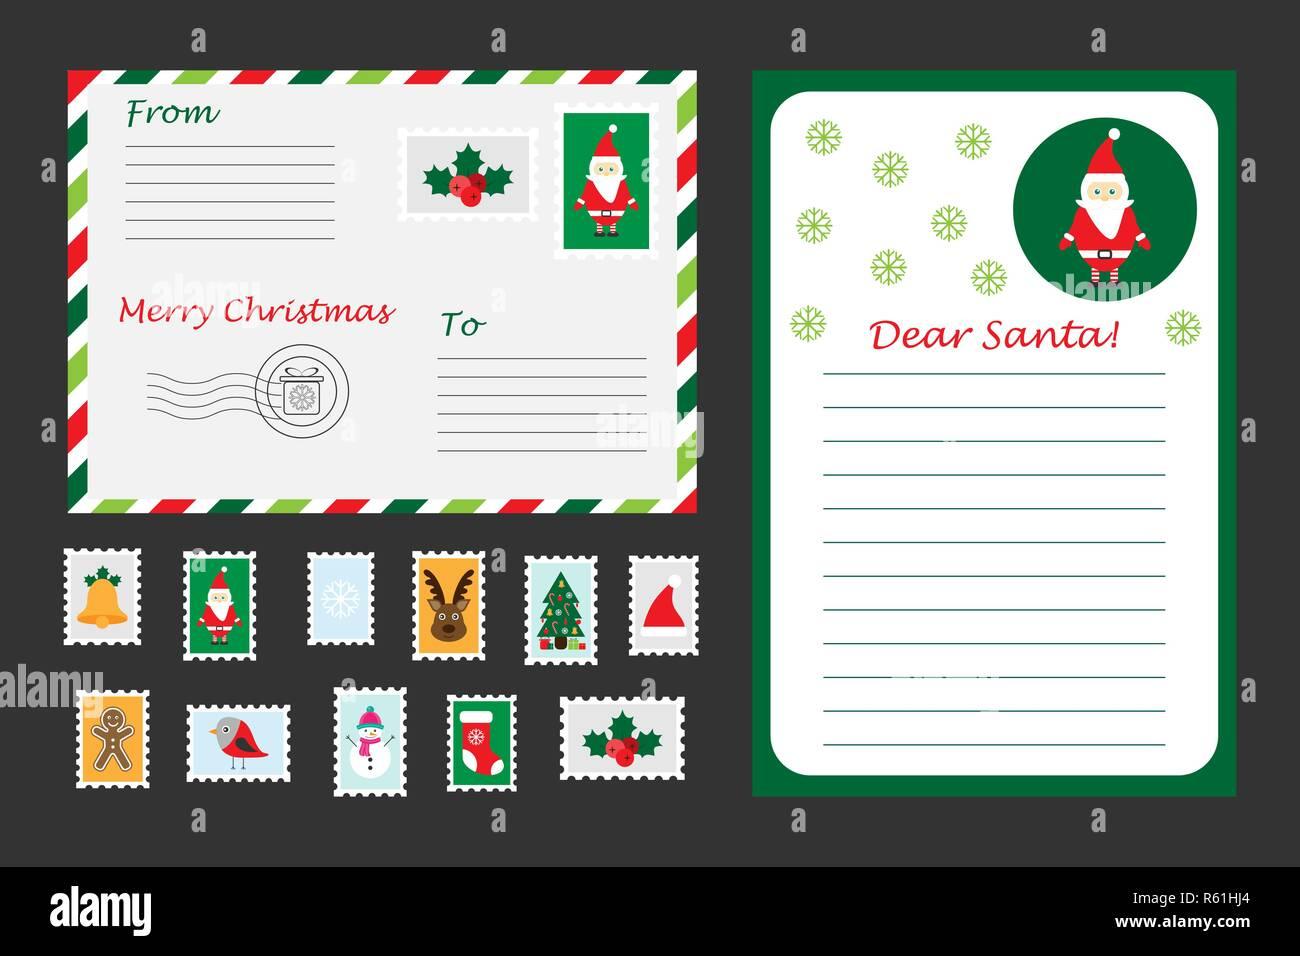 Juego De Navidad Carta A Santa Claus Sobres Y Sellos Para Los Ninos